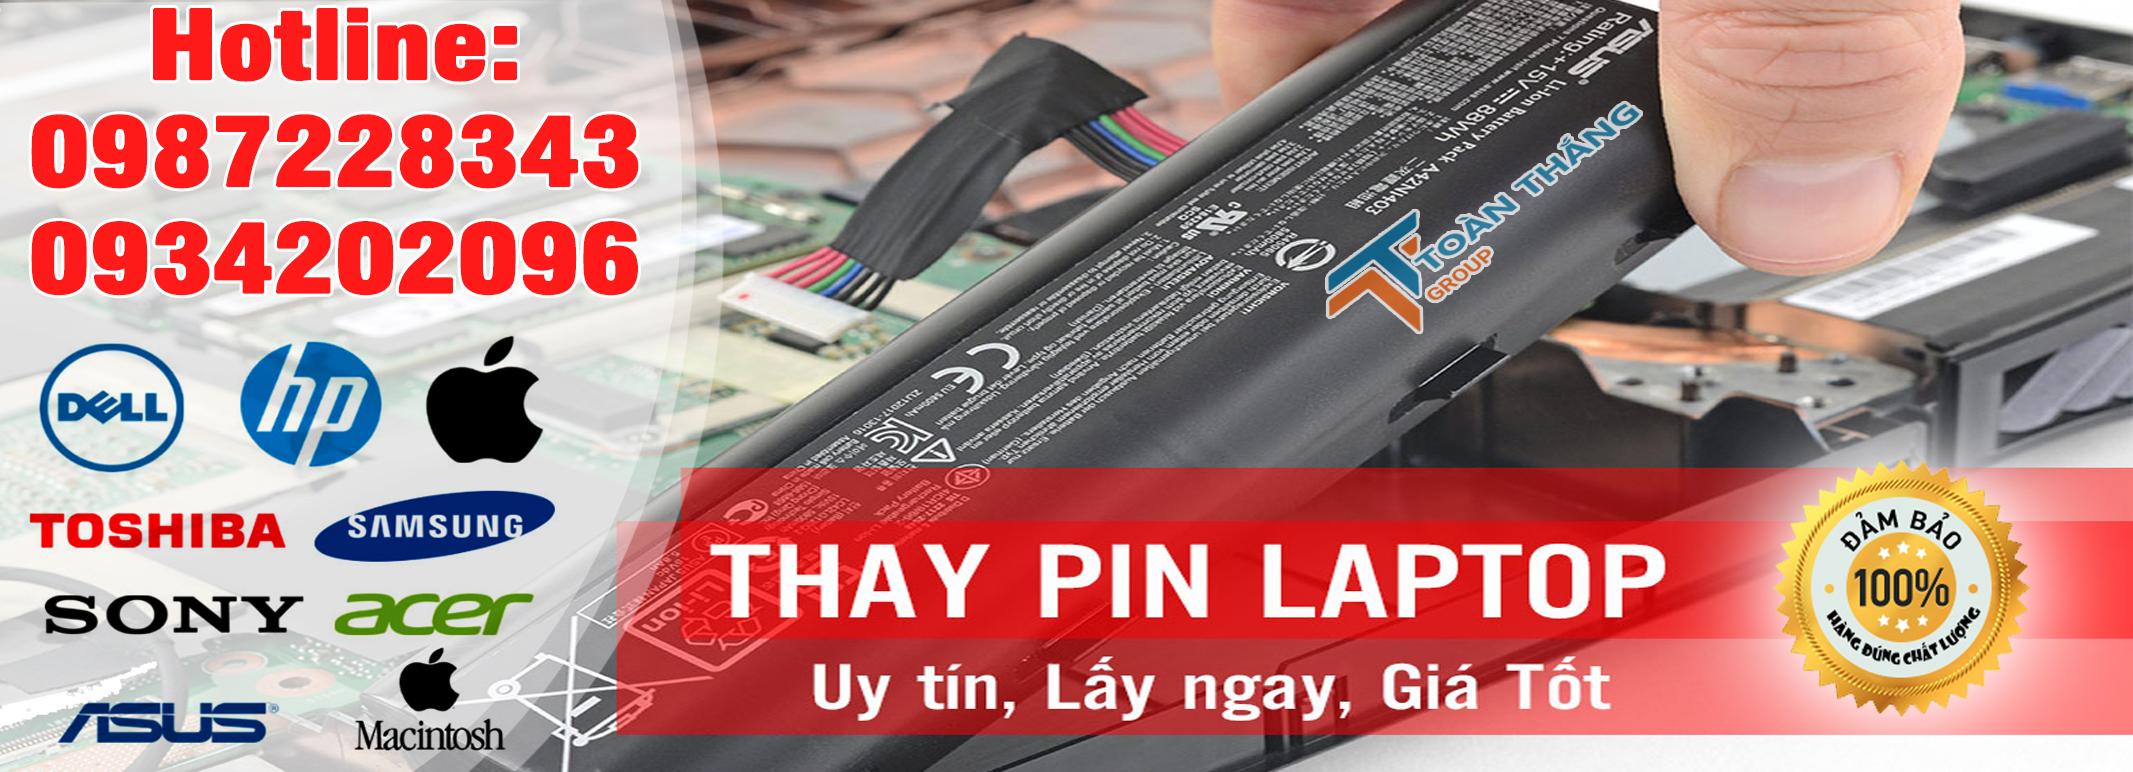 Công Ty Dịch Vụ Thay Pin Laptop Tận Nơi Quận Thủ Đức Uy Tín Nhanh